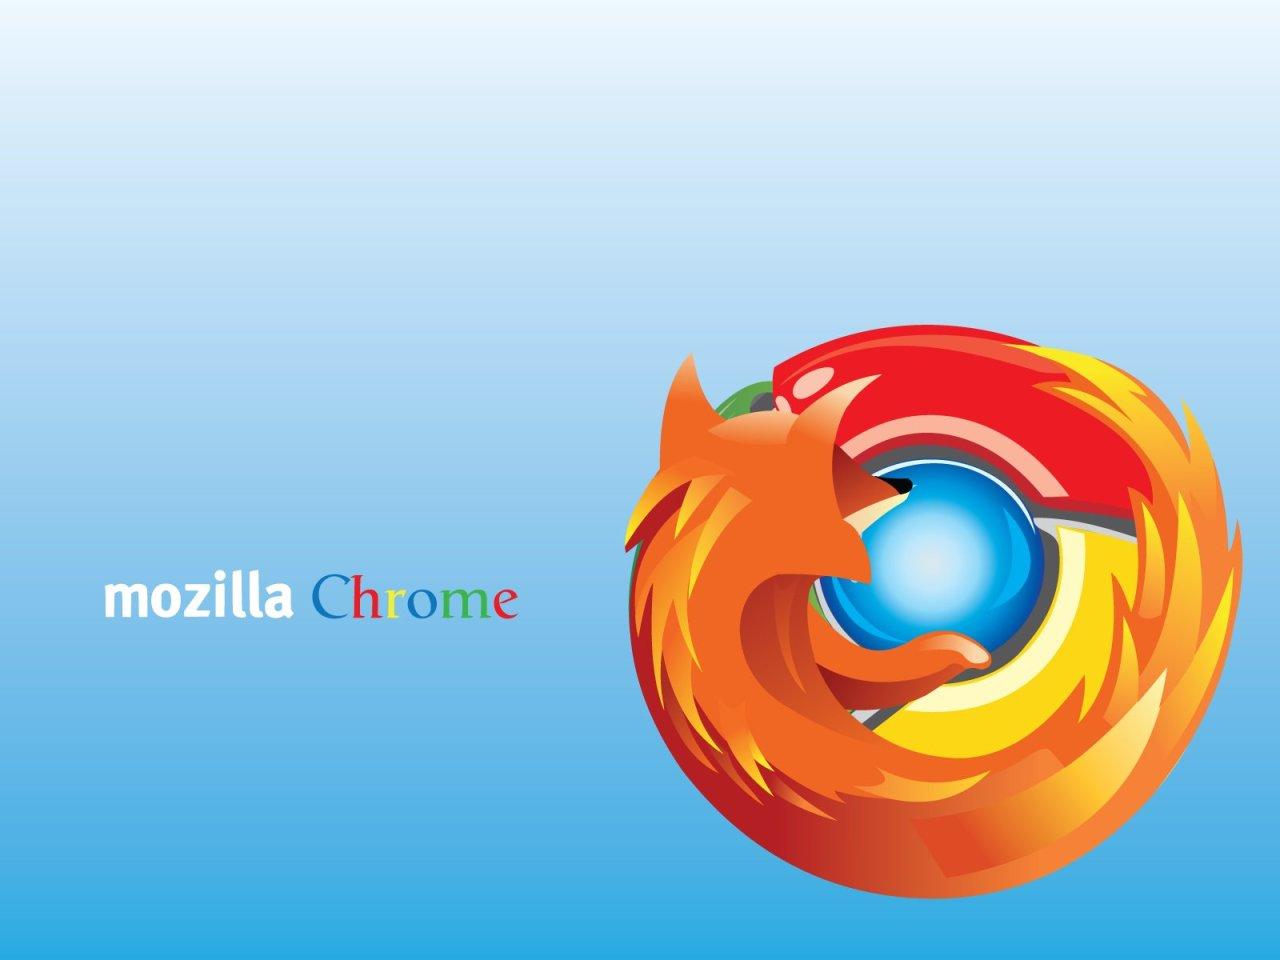 Un român din doi intră pe internet cu Google Chrome. Mozilla Firefox a scăzut dramatic